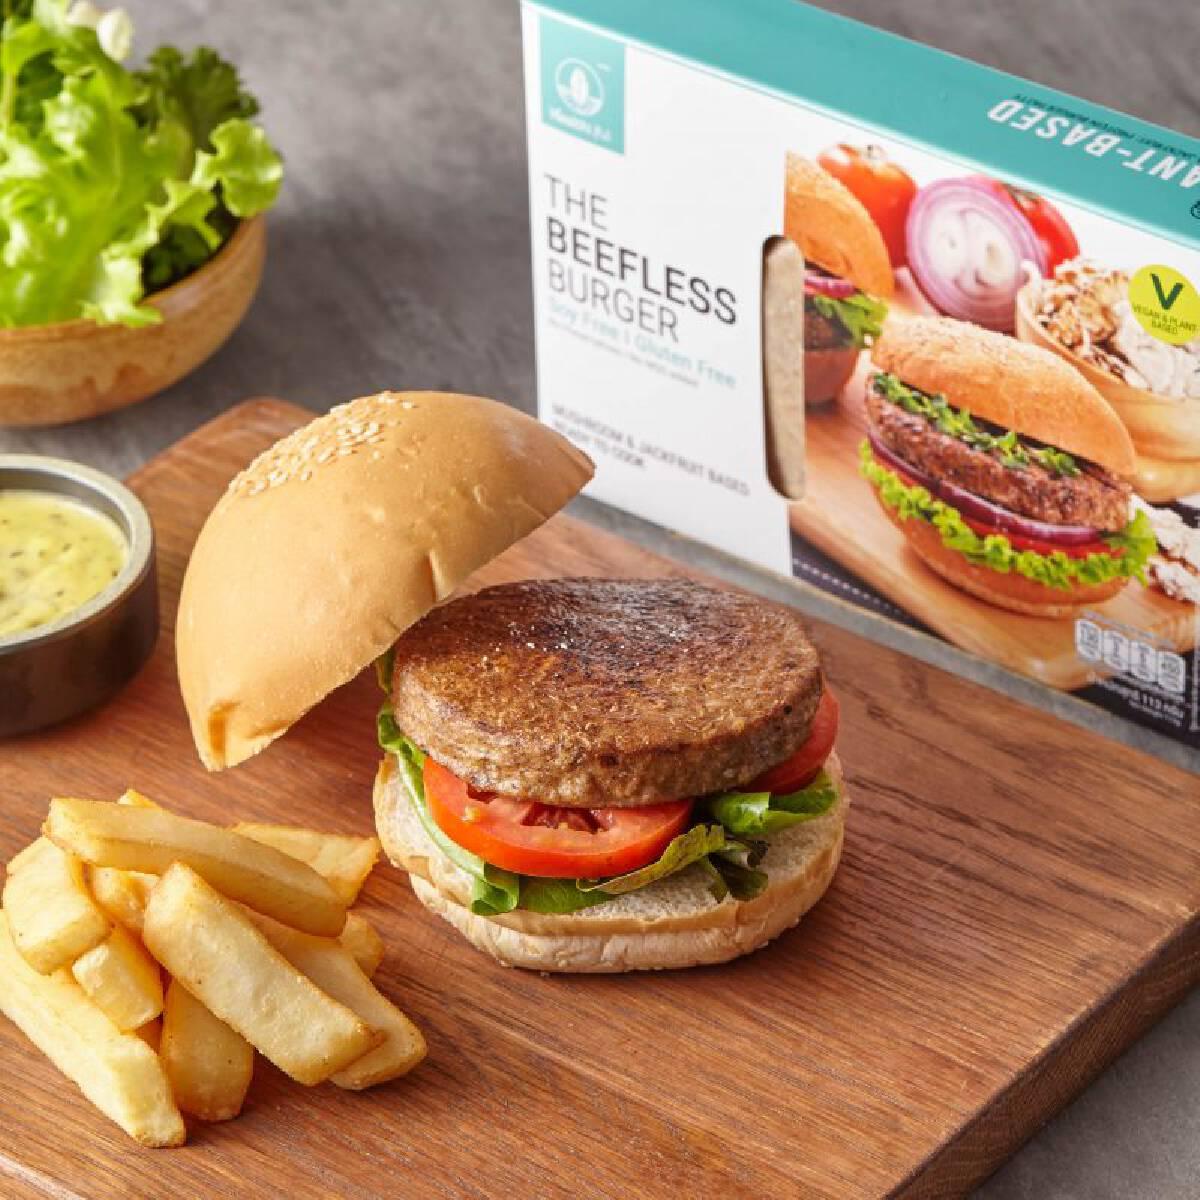 เซ็นทรัลปั้นเมนูพร้อมทาน เด้งรับ Plant-based meat